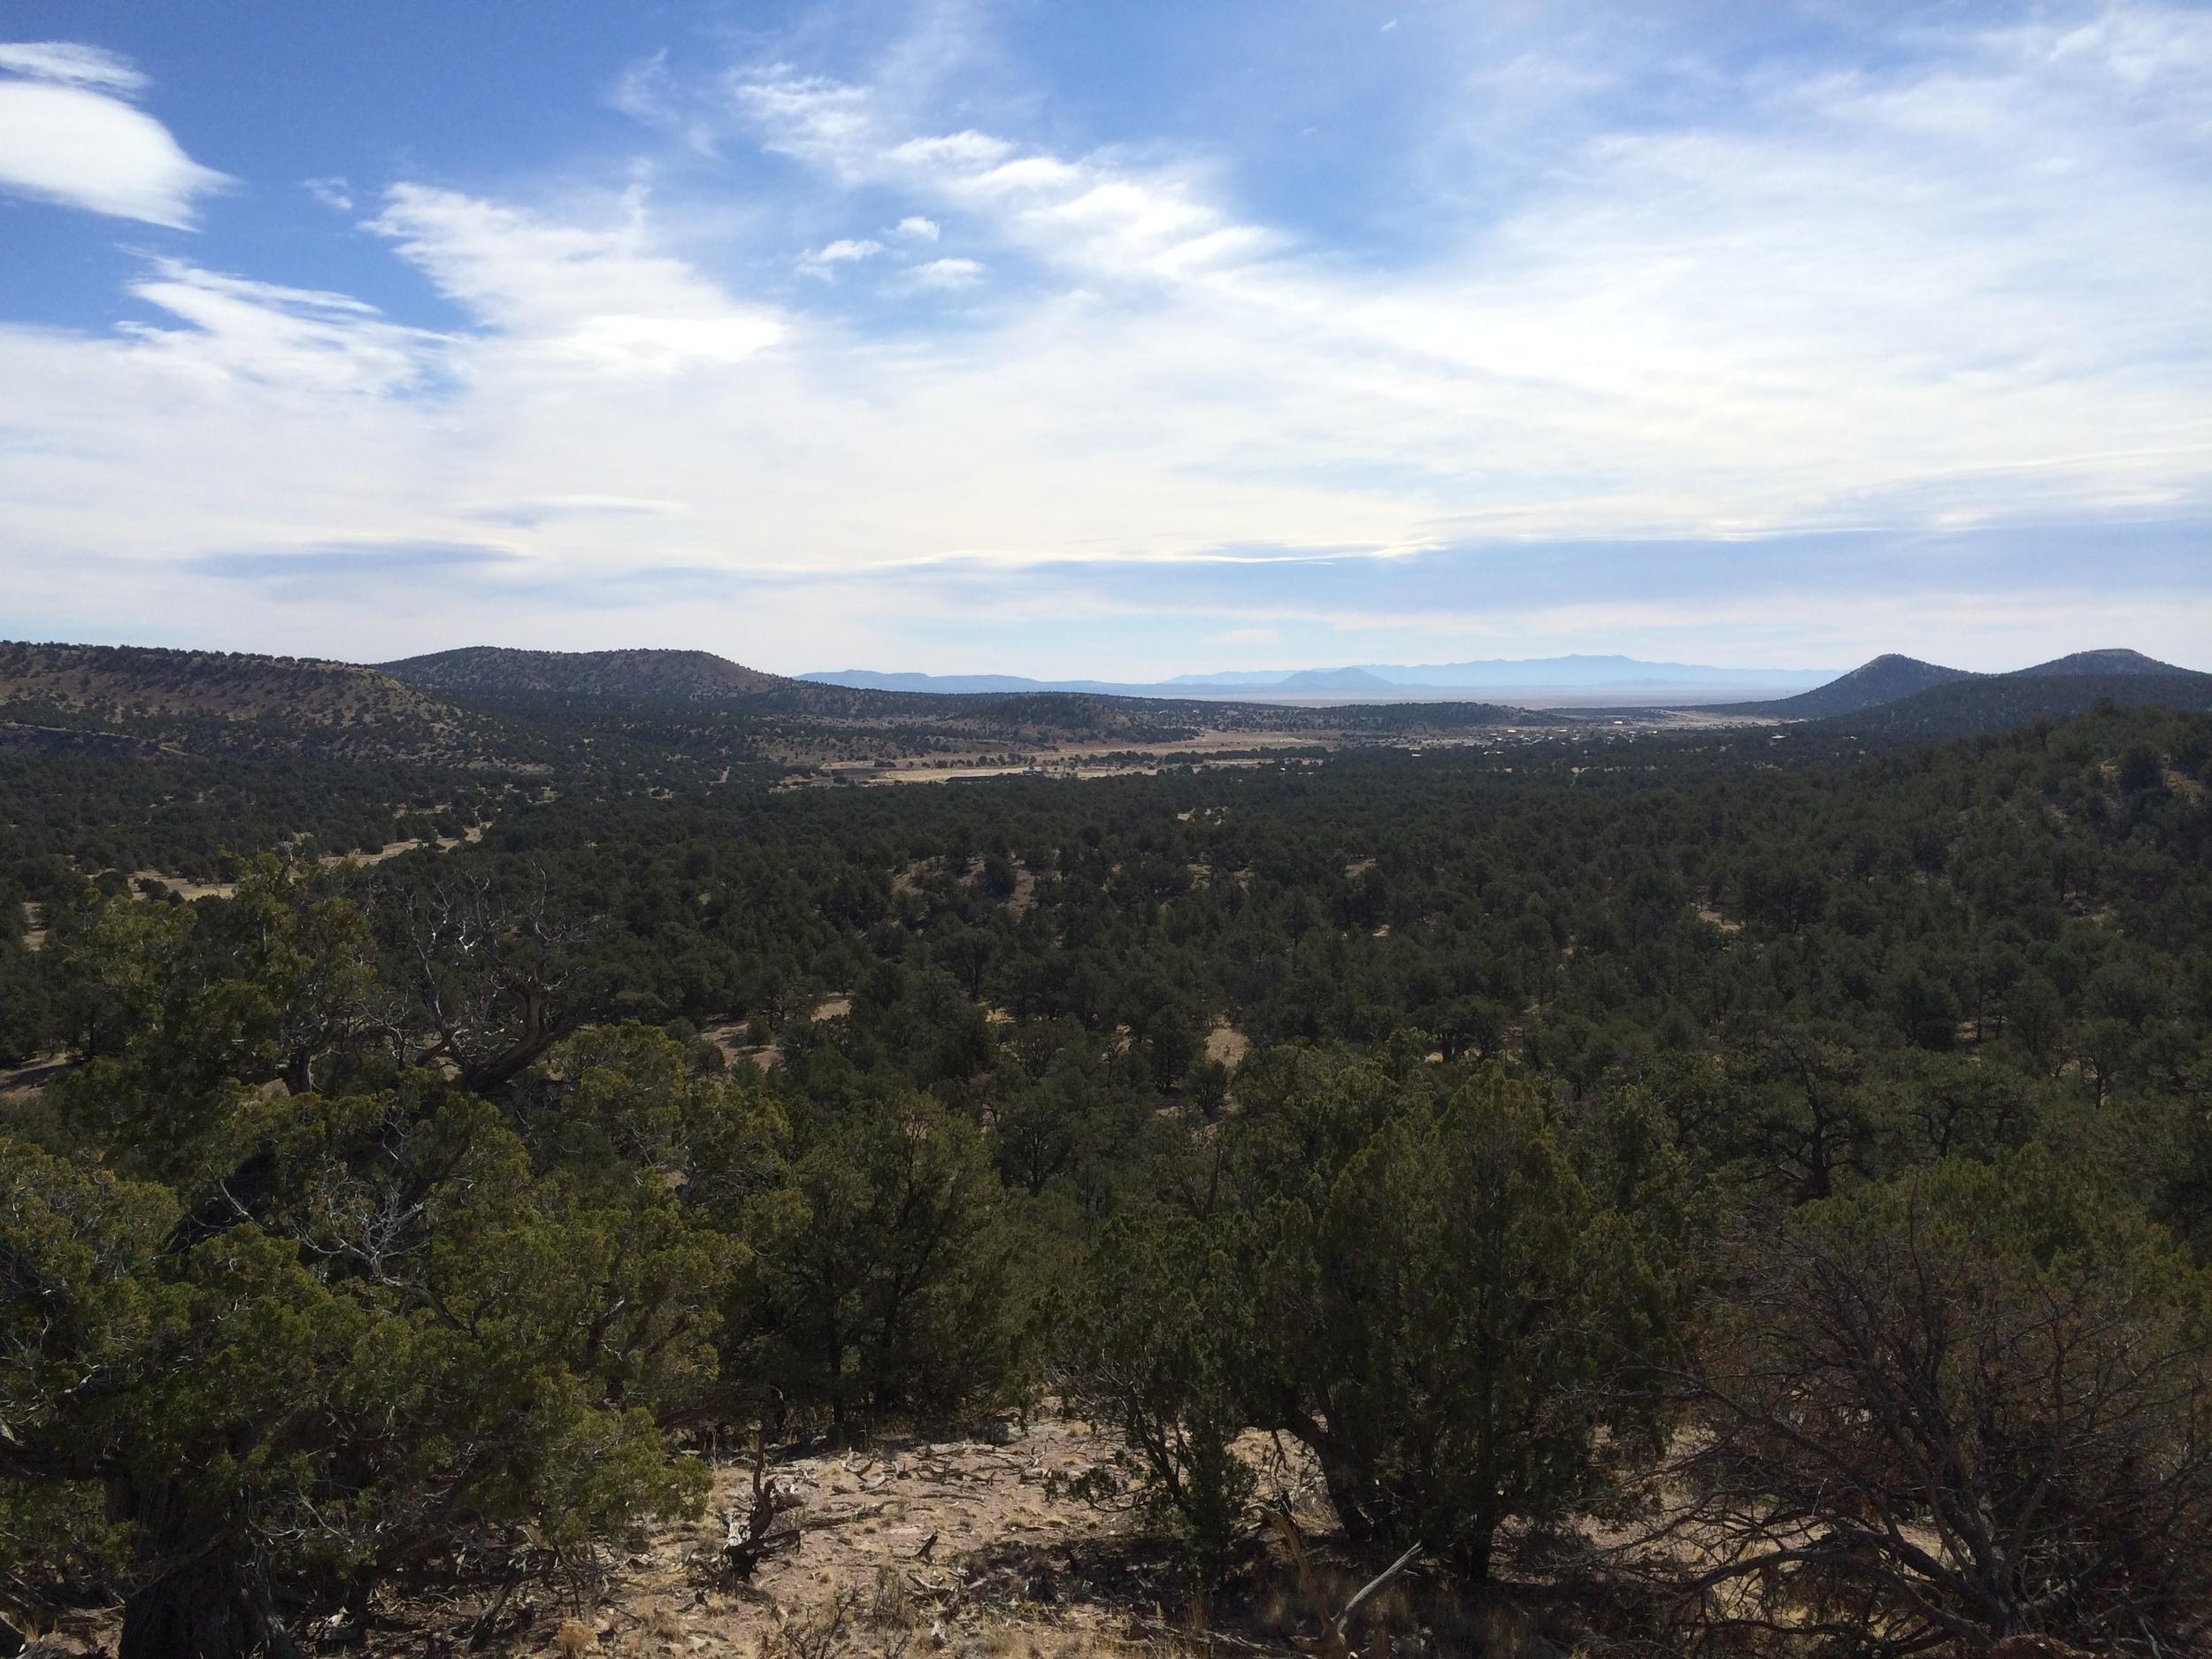 Hiking view ofPlains of San Agustin waaaaaay off in the distance